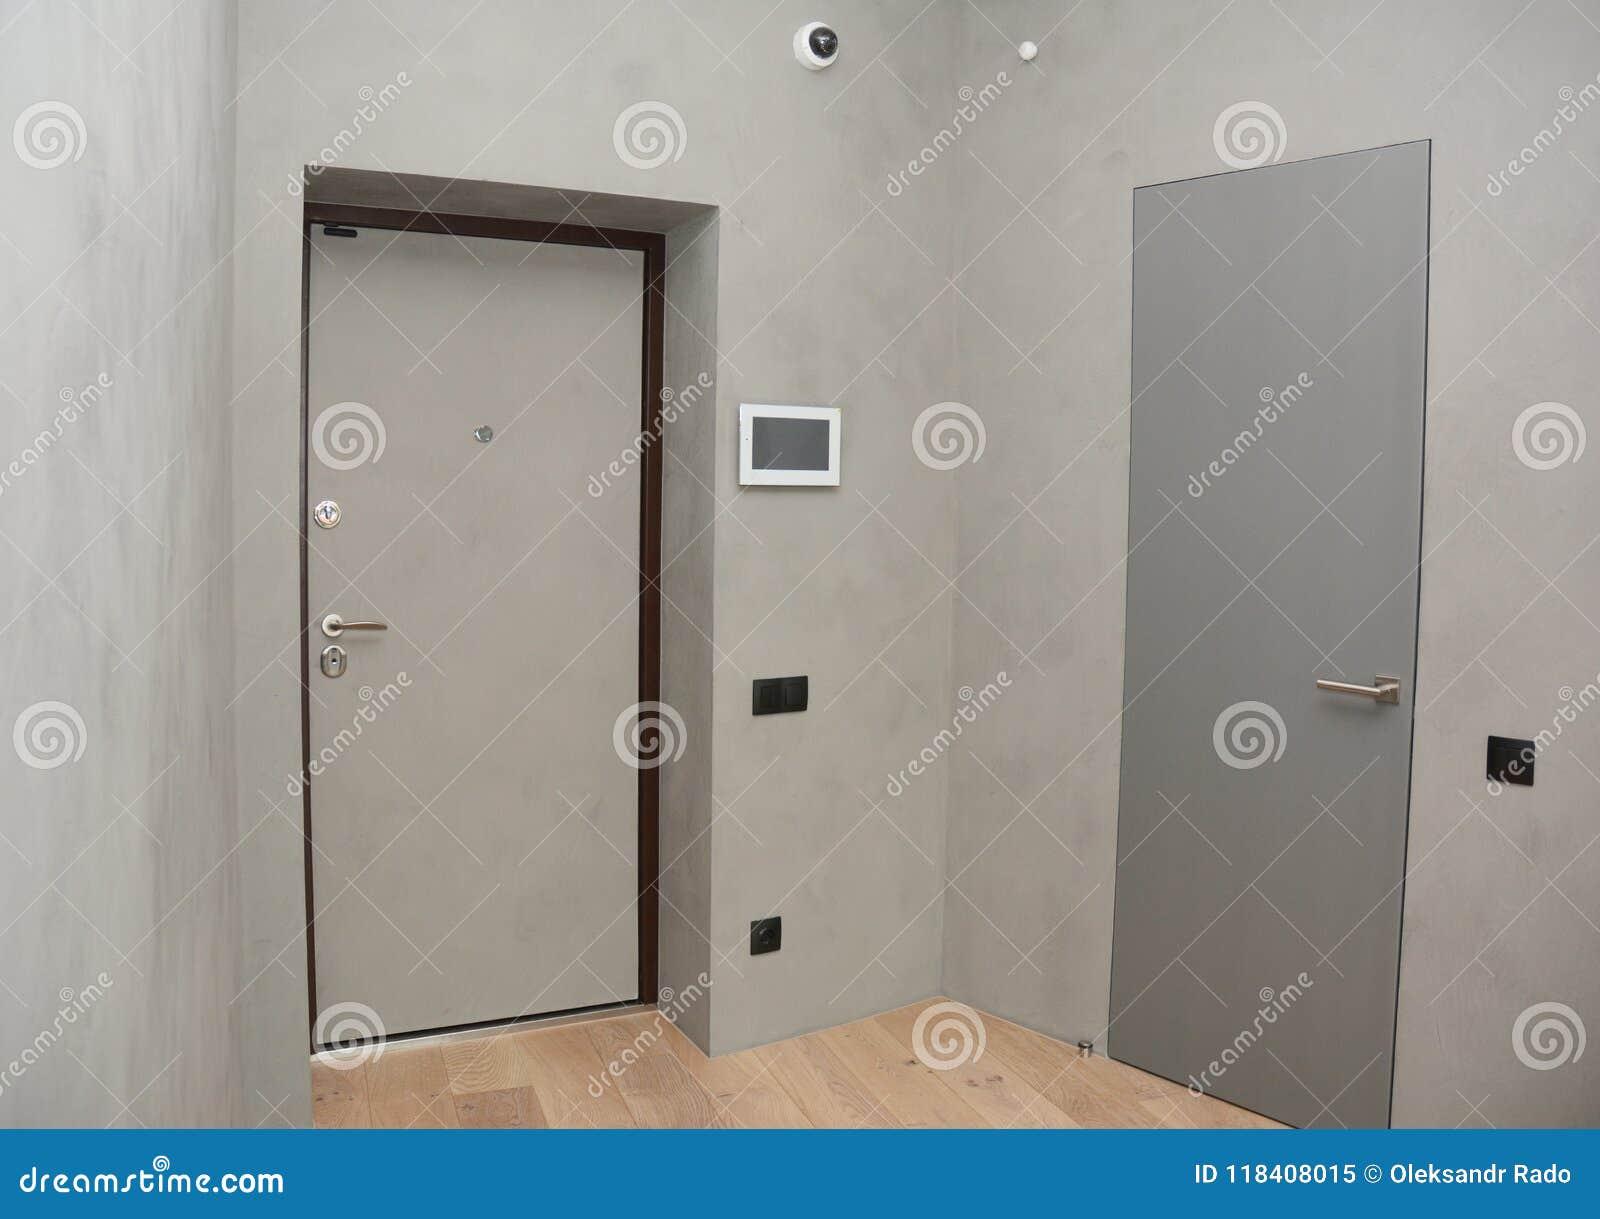 Den moderna inre för dörren för husingångsmetall med säkerhetsCCTV-kameran monteras på rumväggen med brandlarmsystemet